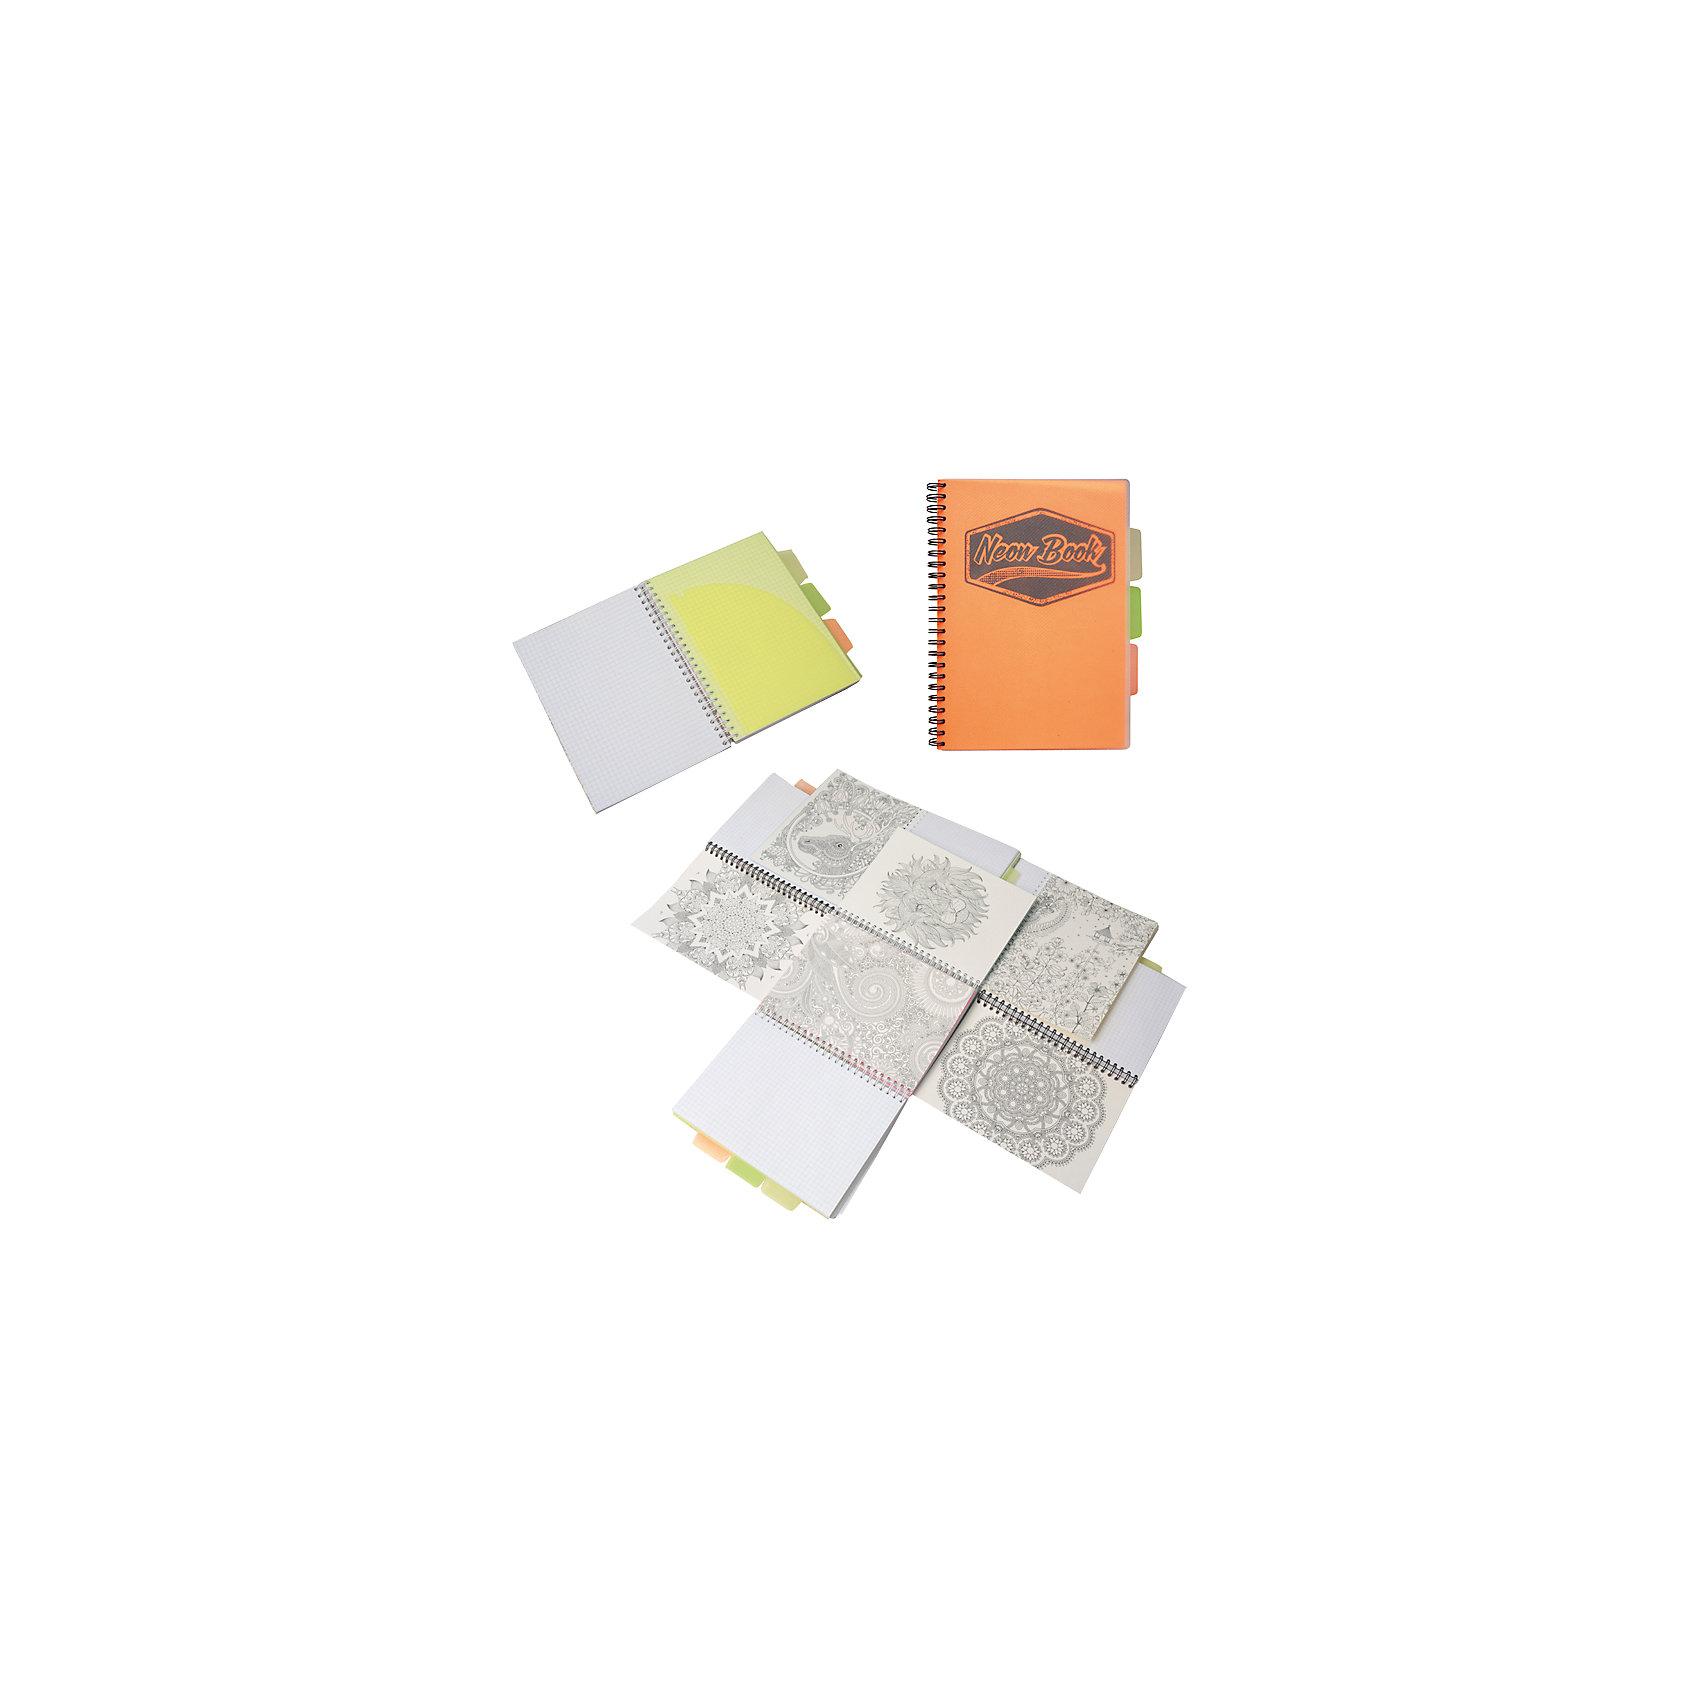 Оранжевая тетрадь А5 Neon book 120 листовОранжевая тетрадь А5 Neon book 120 листов<br><br>Характеристики:<br><br>• Количество листов: 120<br>• Формат: А5<br>• Цвет: оранжевый<br>• Вес: 287г<br>• Размер: 203х15х168мм<br>• Тип: в клеточку, три разделителя<br><br>Большая общая тетрадь с тремя цветными разделителями идеально подойдет для дополнительных занятий или школьных уроков, где необходимо несколько тетрадей. Пластиковая обложка надежно защищает листы от попадания влаги. Крепление на гребне очень удобное и делает тетрадь компактной.<br><br>Оранжевую тетрадь А5 Neon book 120 листов можно купить в нашем интернет-магазине.<br><br>Ширина мм: 203<br>Глубина мм: 15<br>Высота мм: 168<br>Вес г: 287<br>Возраст от месяцев: 84<br>Возраст до месяцев: 360<br>Пол: Унисекс<br>Возраст: Детский<br>SKU: 5390351